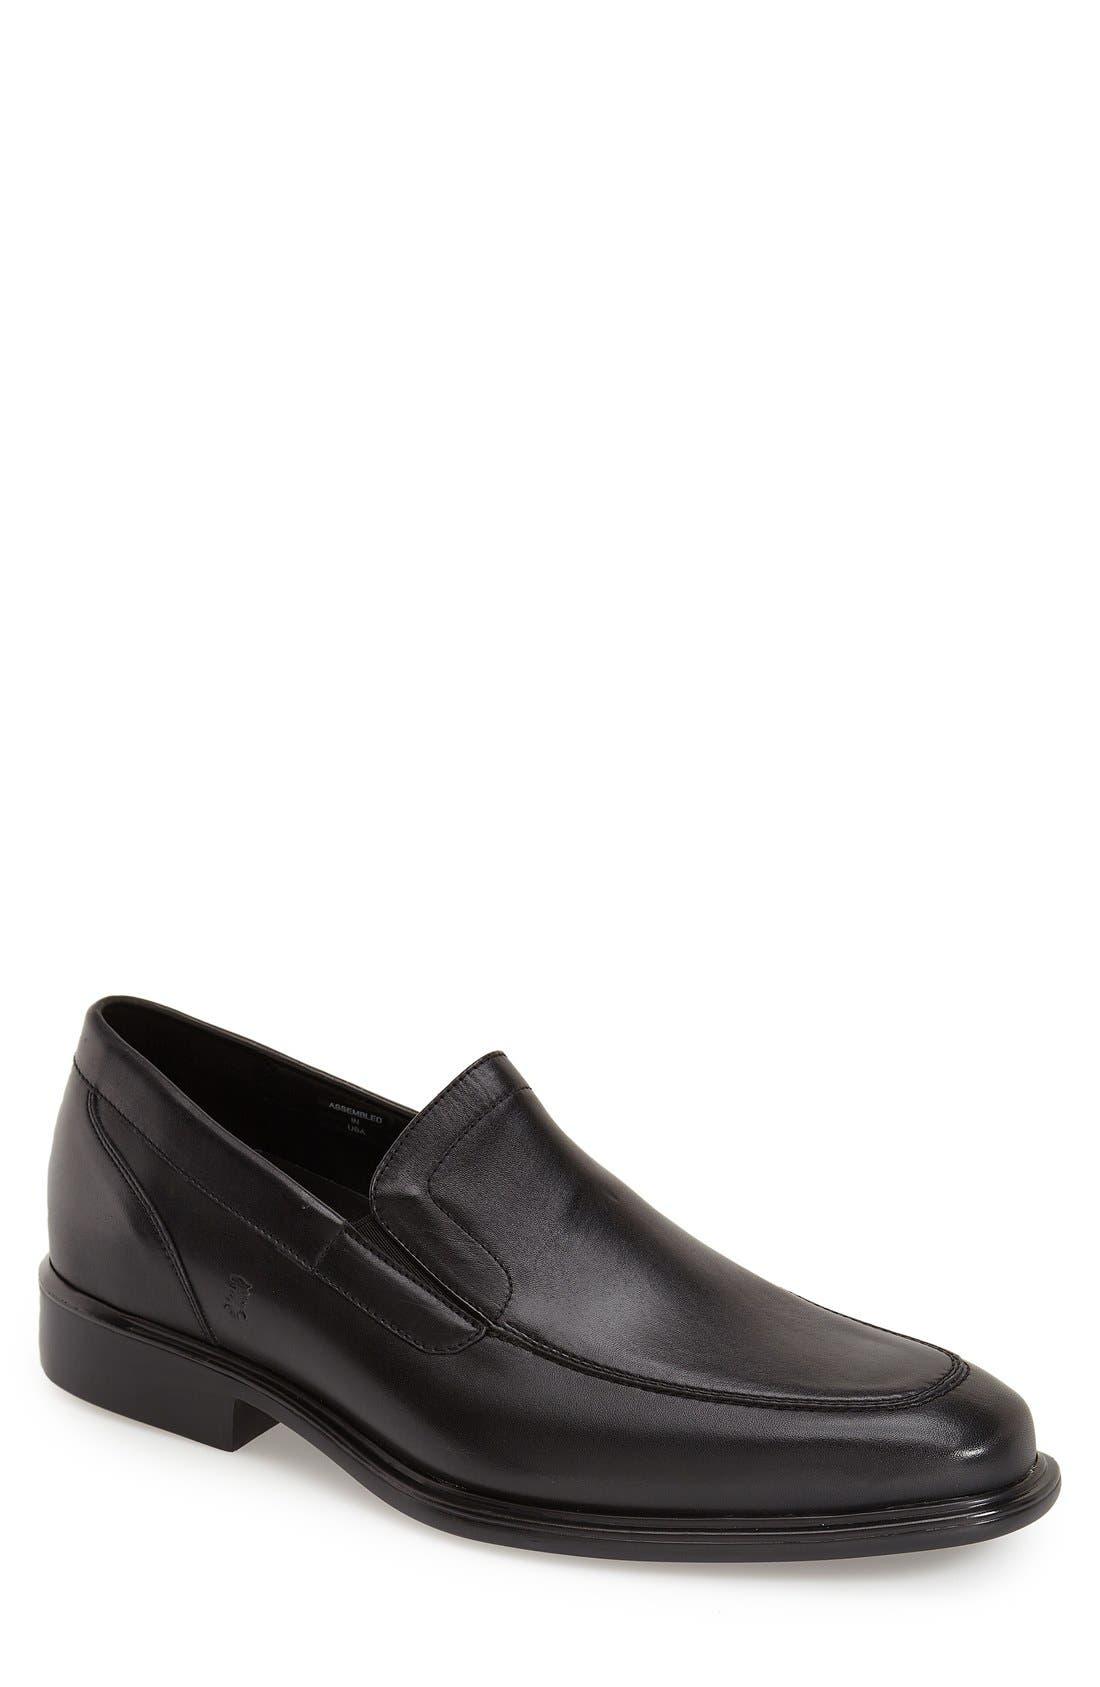 NEIL M 'Chancellor' Venetian Loafer, Main, color, 001